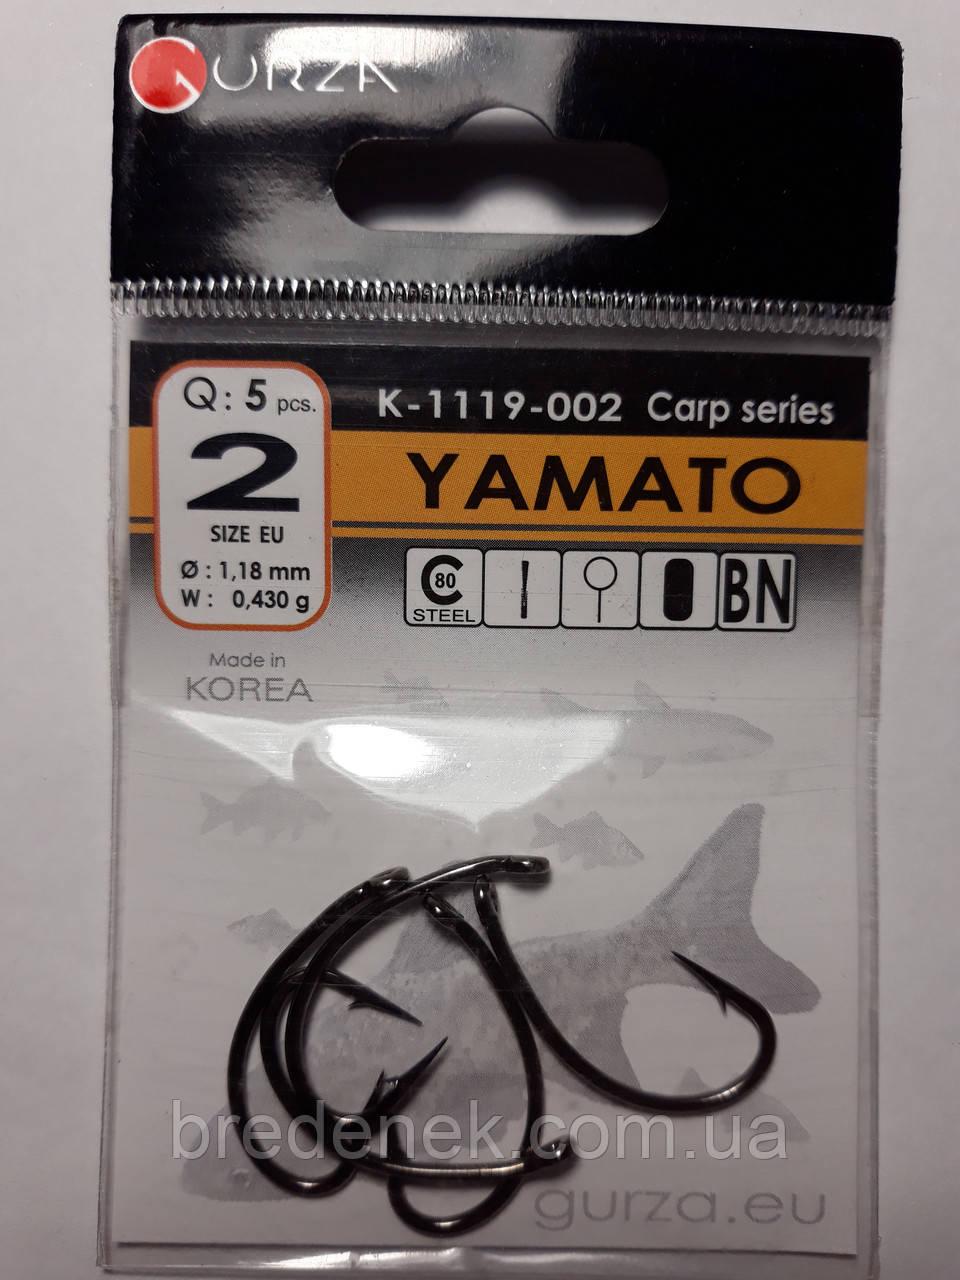 Крючки Gurza yamato № 2